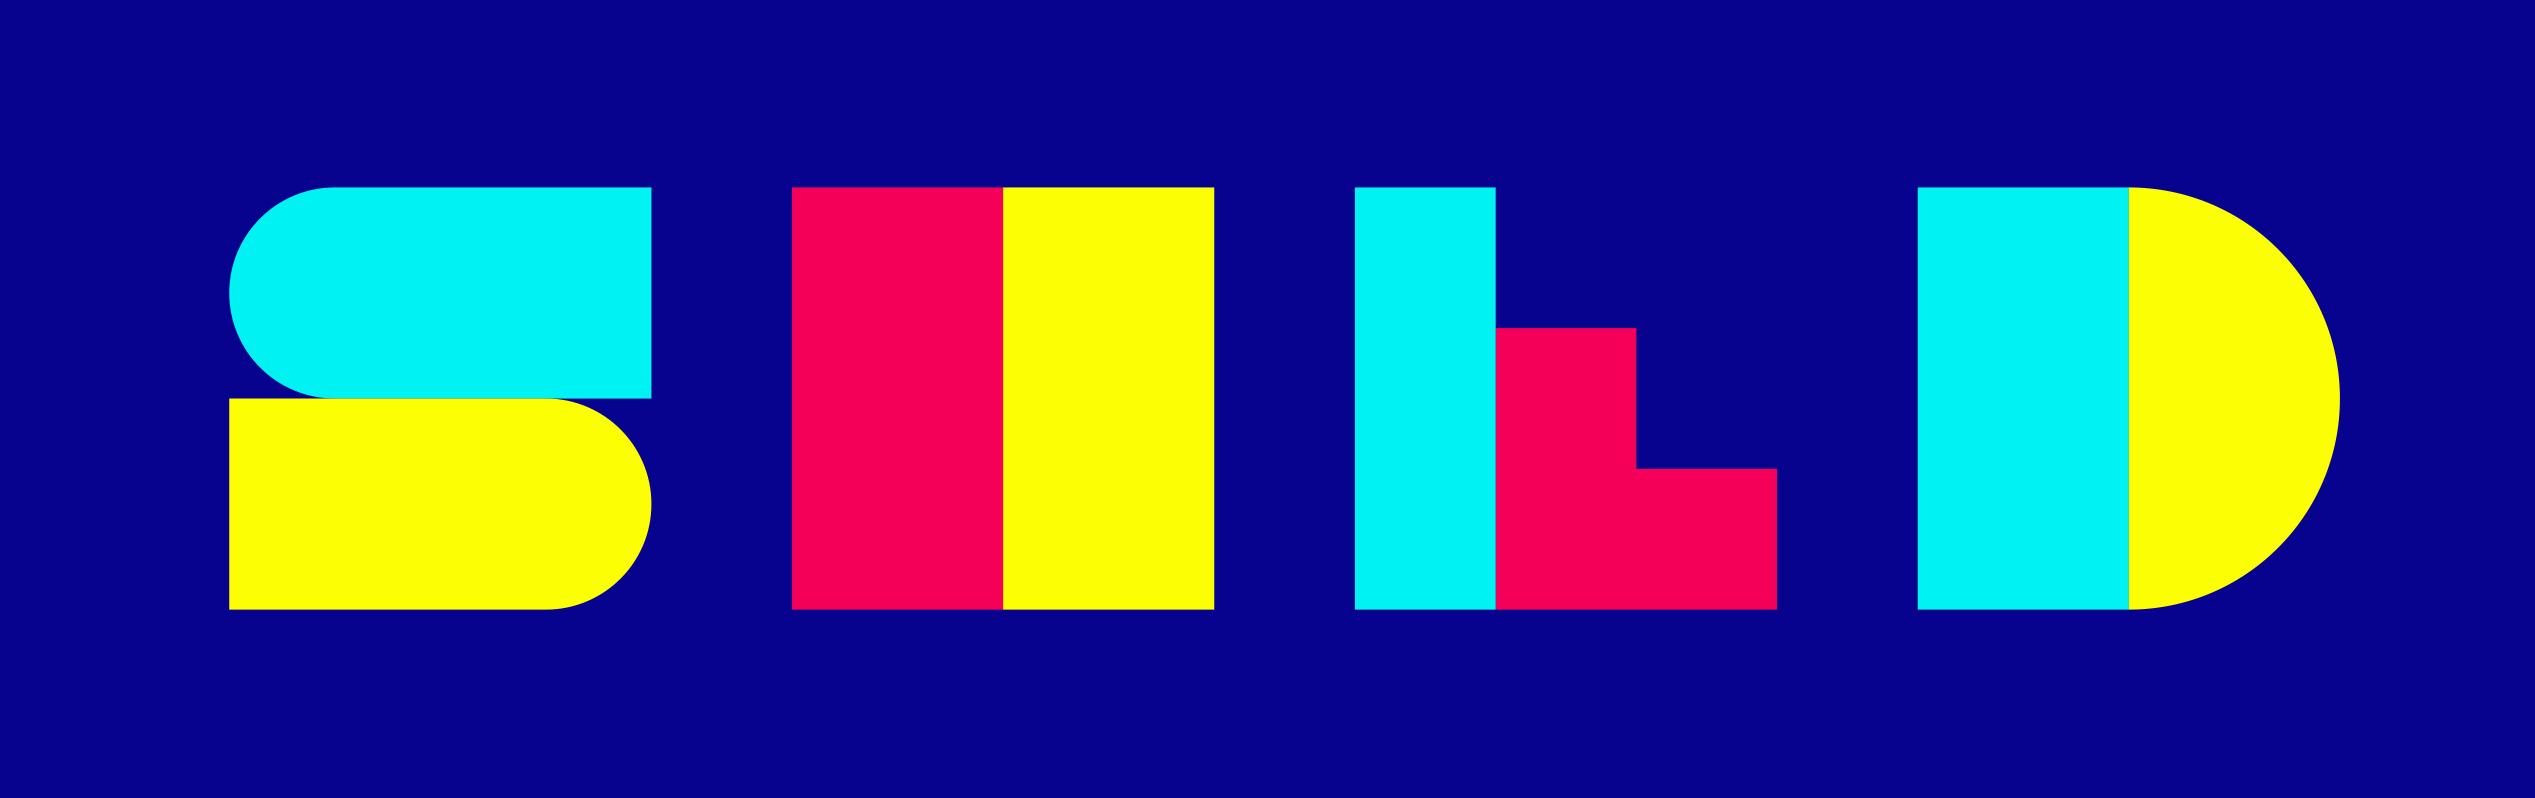 SHED-logo-concept_MR